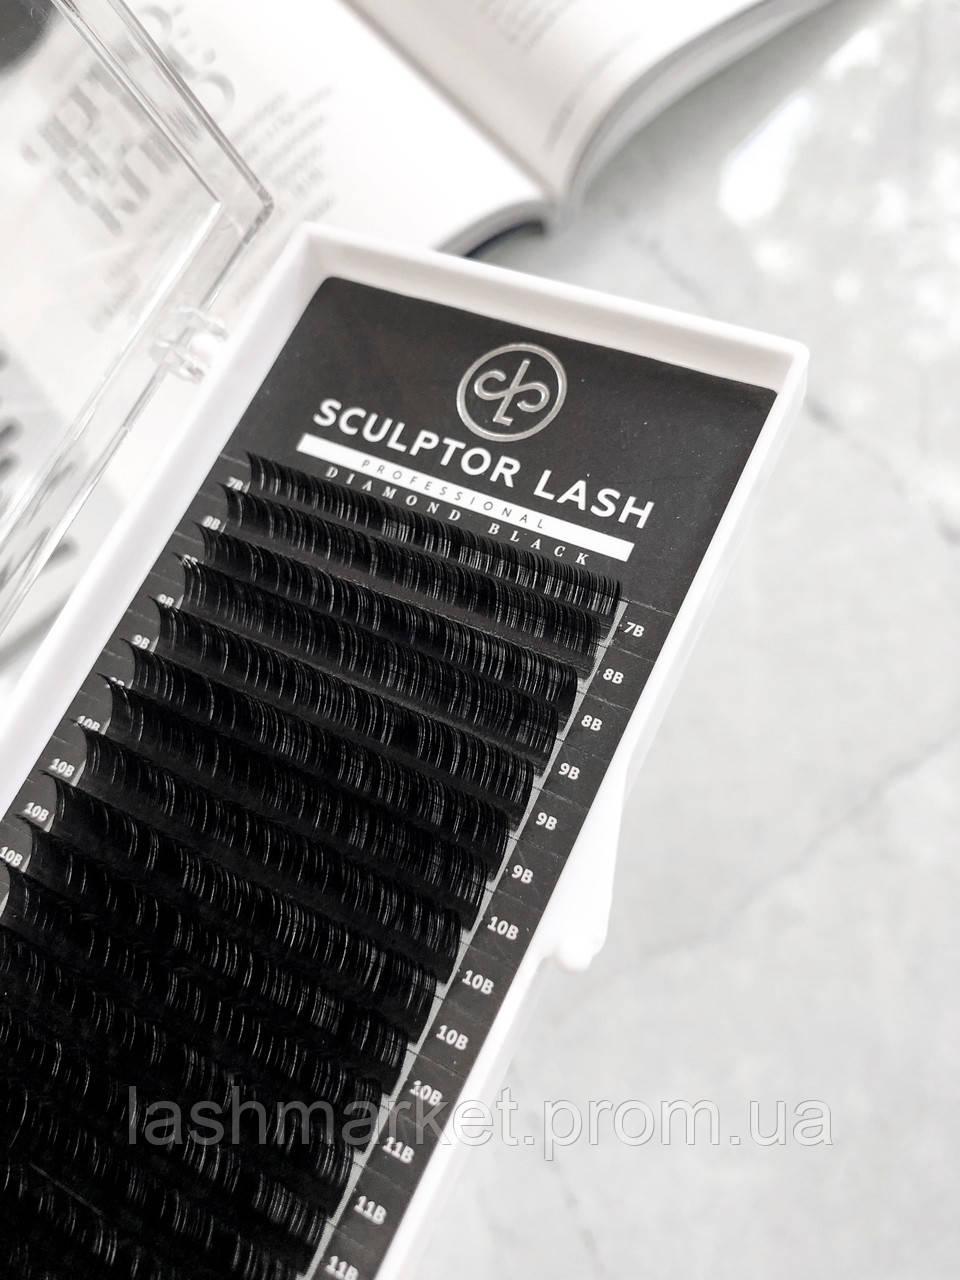 Ресницы ОТД ДЛИНА Sculptor Lash Diamond Black черные(для наращивания ресниц) D, 9, 0.07